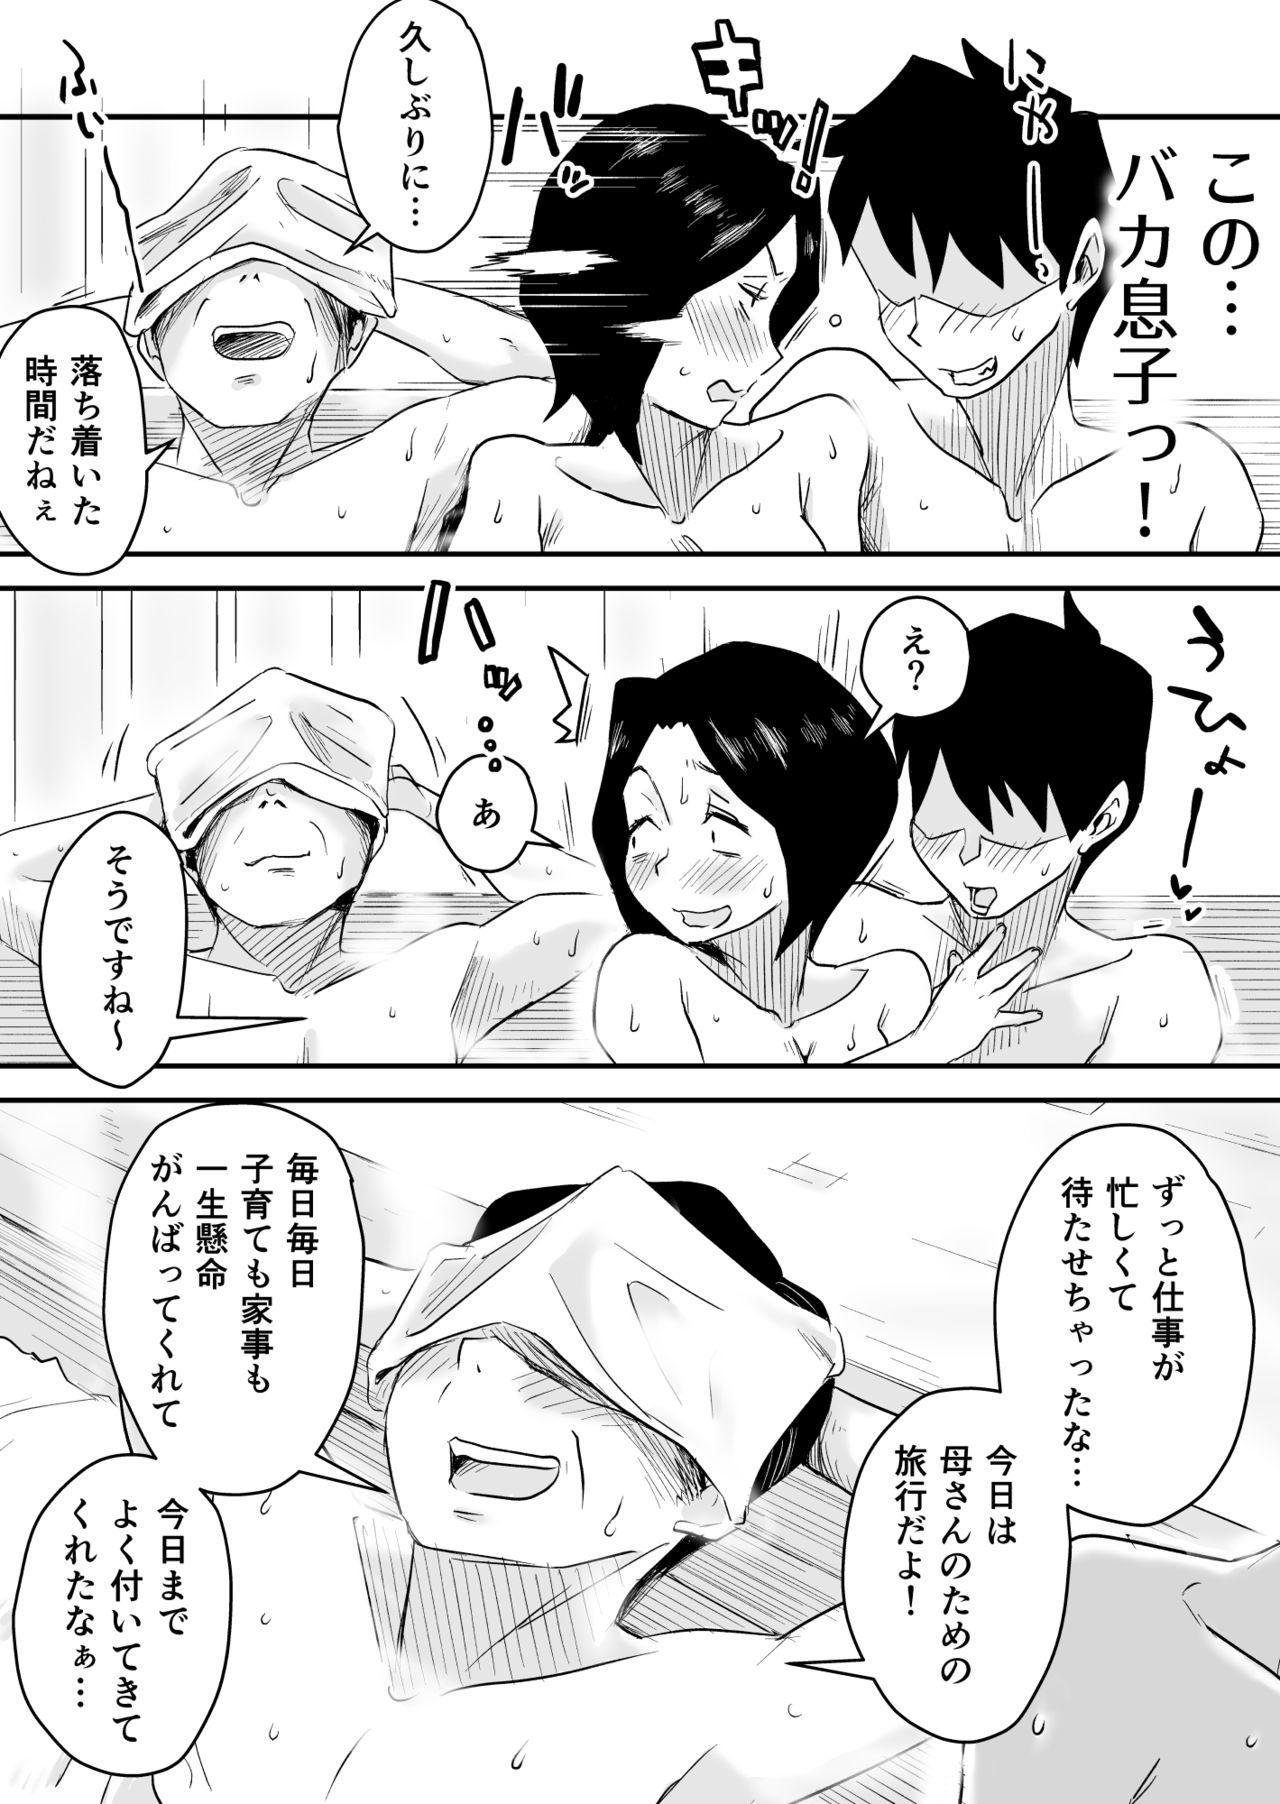 Ano! Okaa-san no Shousai 5